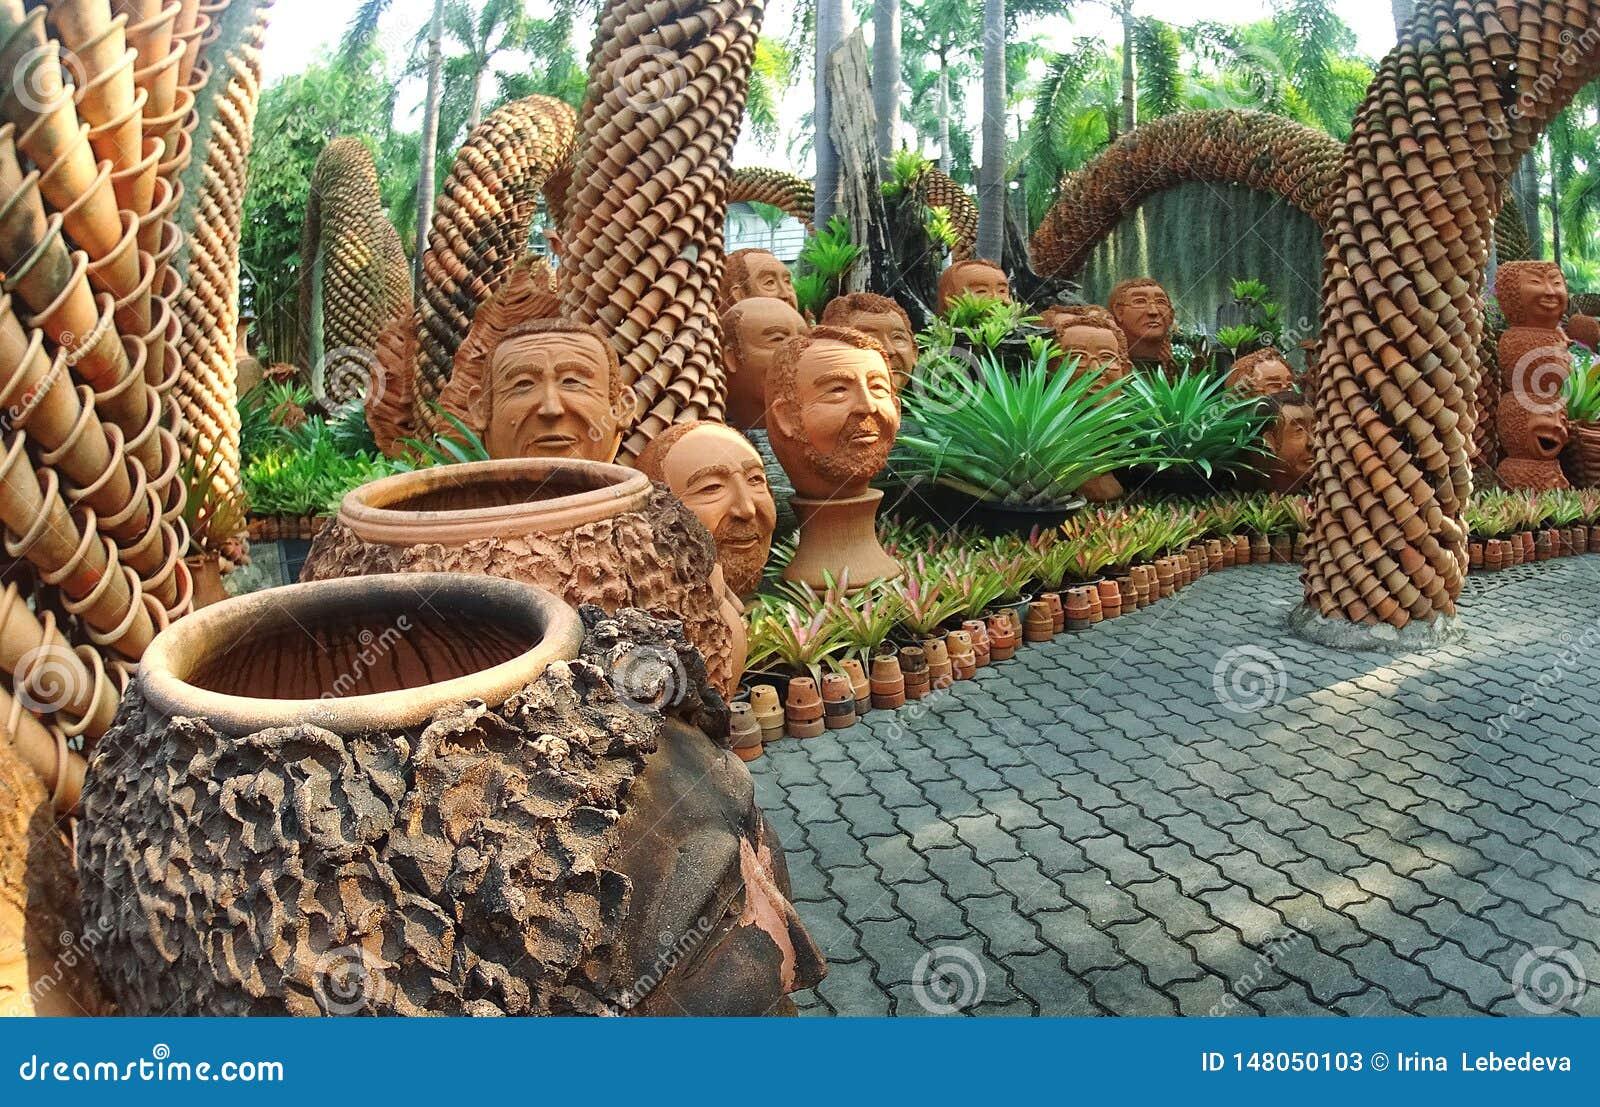 Τροπικό πάρκο Nong Nooch σε Pattaya με ένα ενδιαφέρον σχέδιο τοπίων των κεραμικών δοχείων με τα πρόσωπα